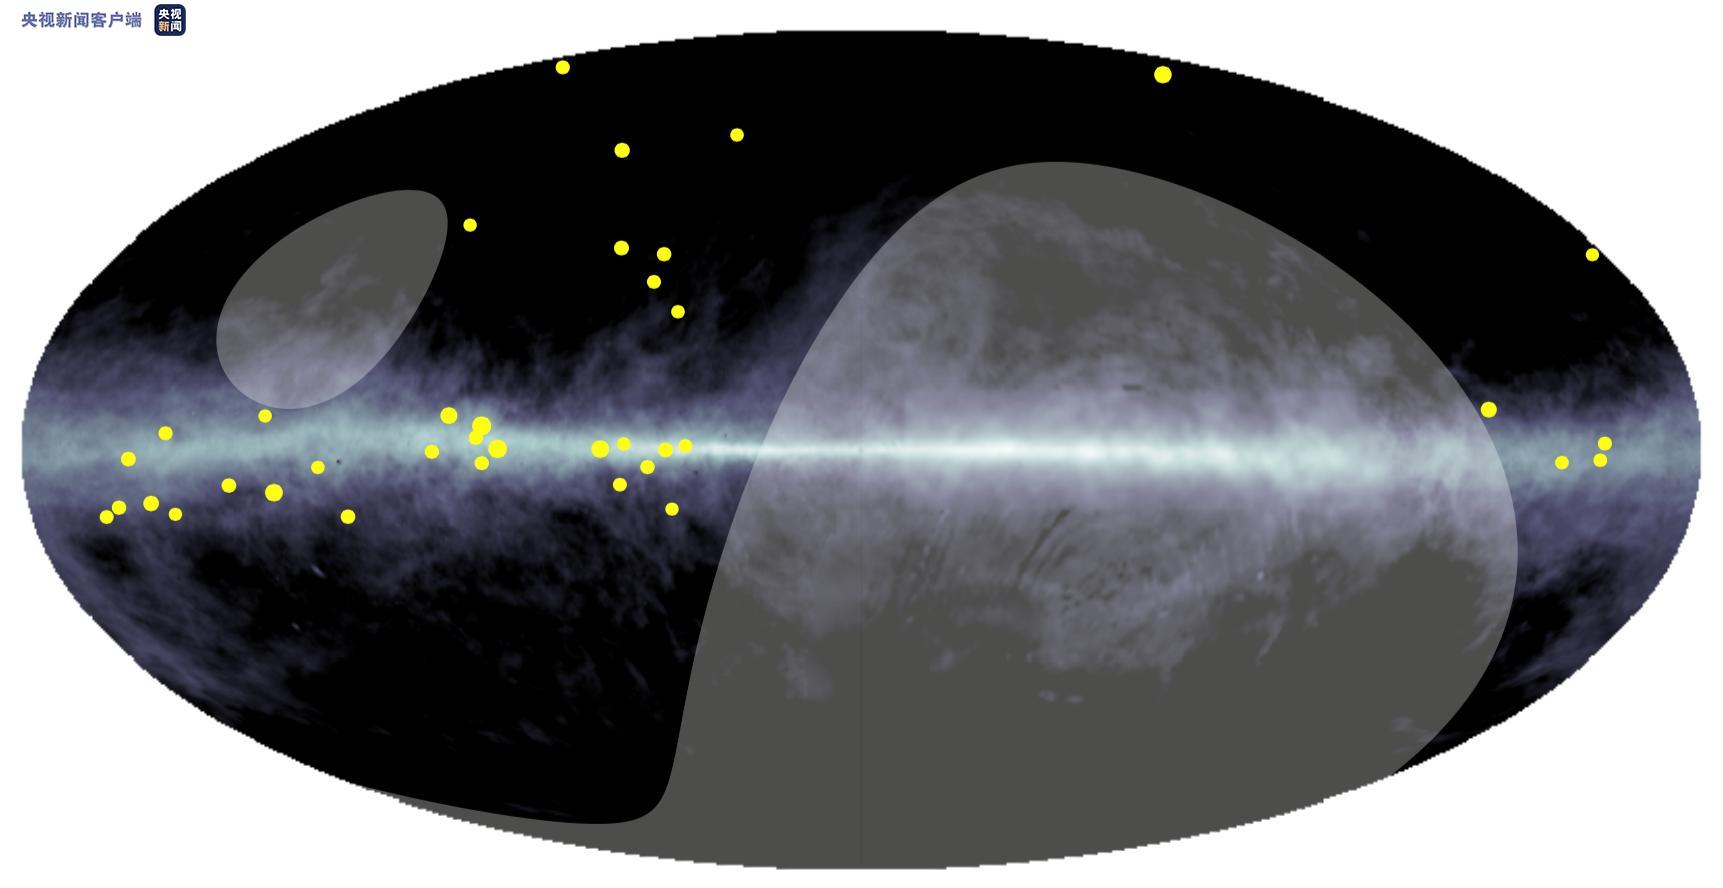 科学家首次发现超高能宇宙线源存在于银河系的证据